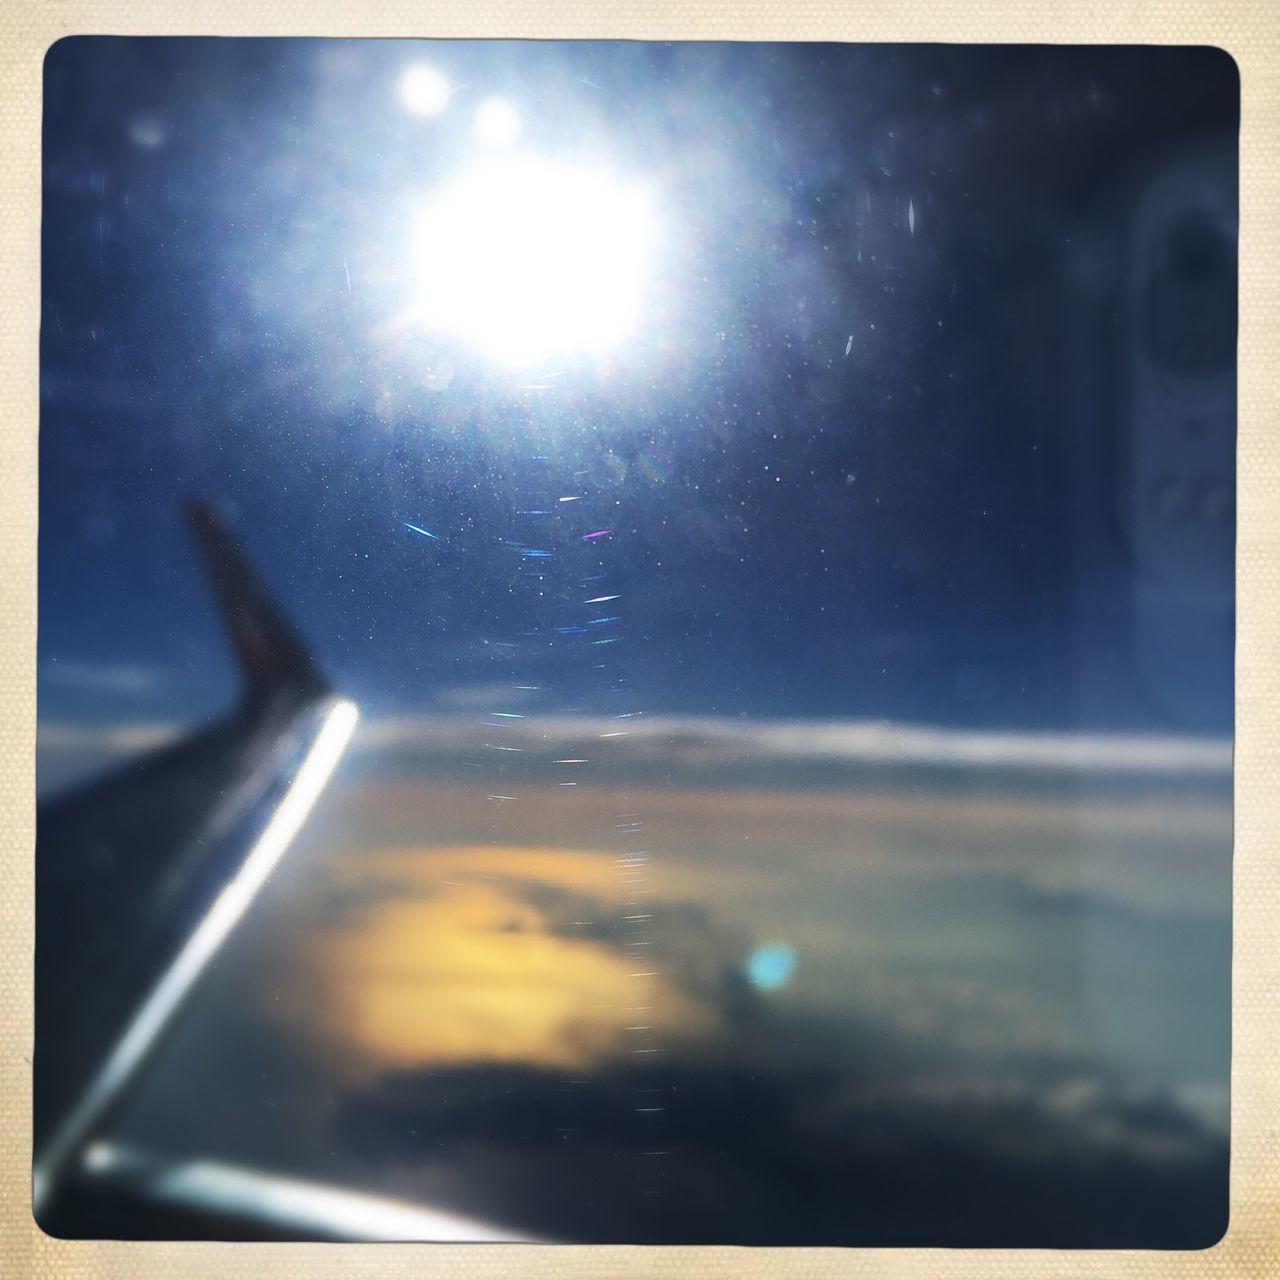 VIEW OF BRIGHT SUN